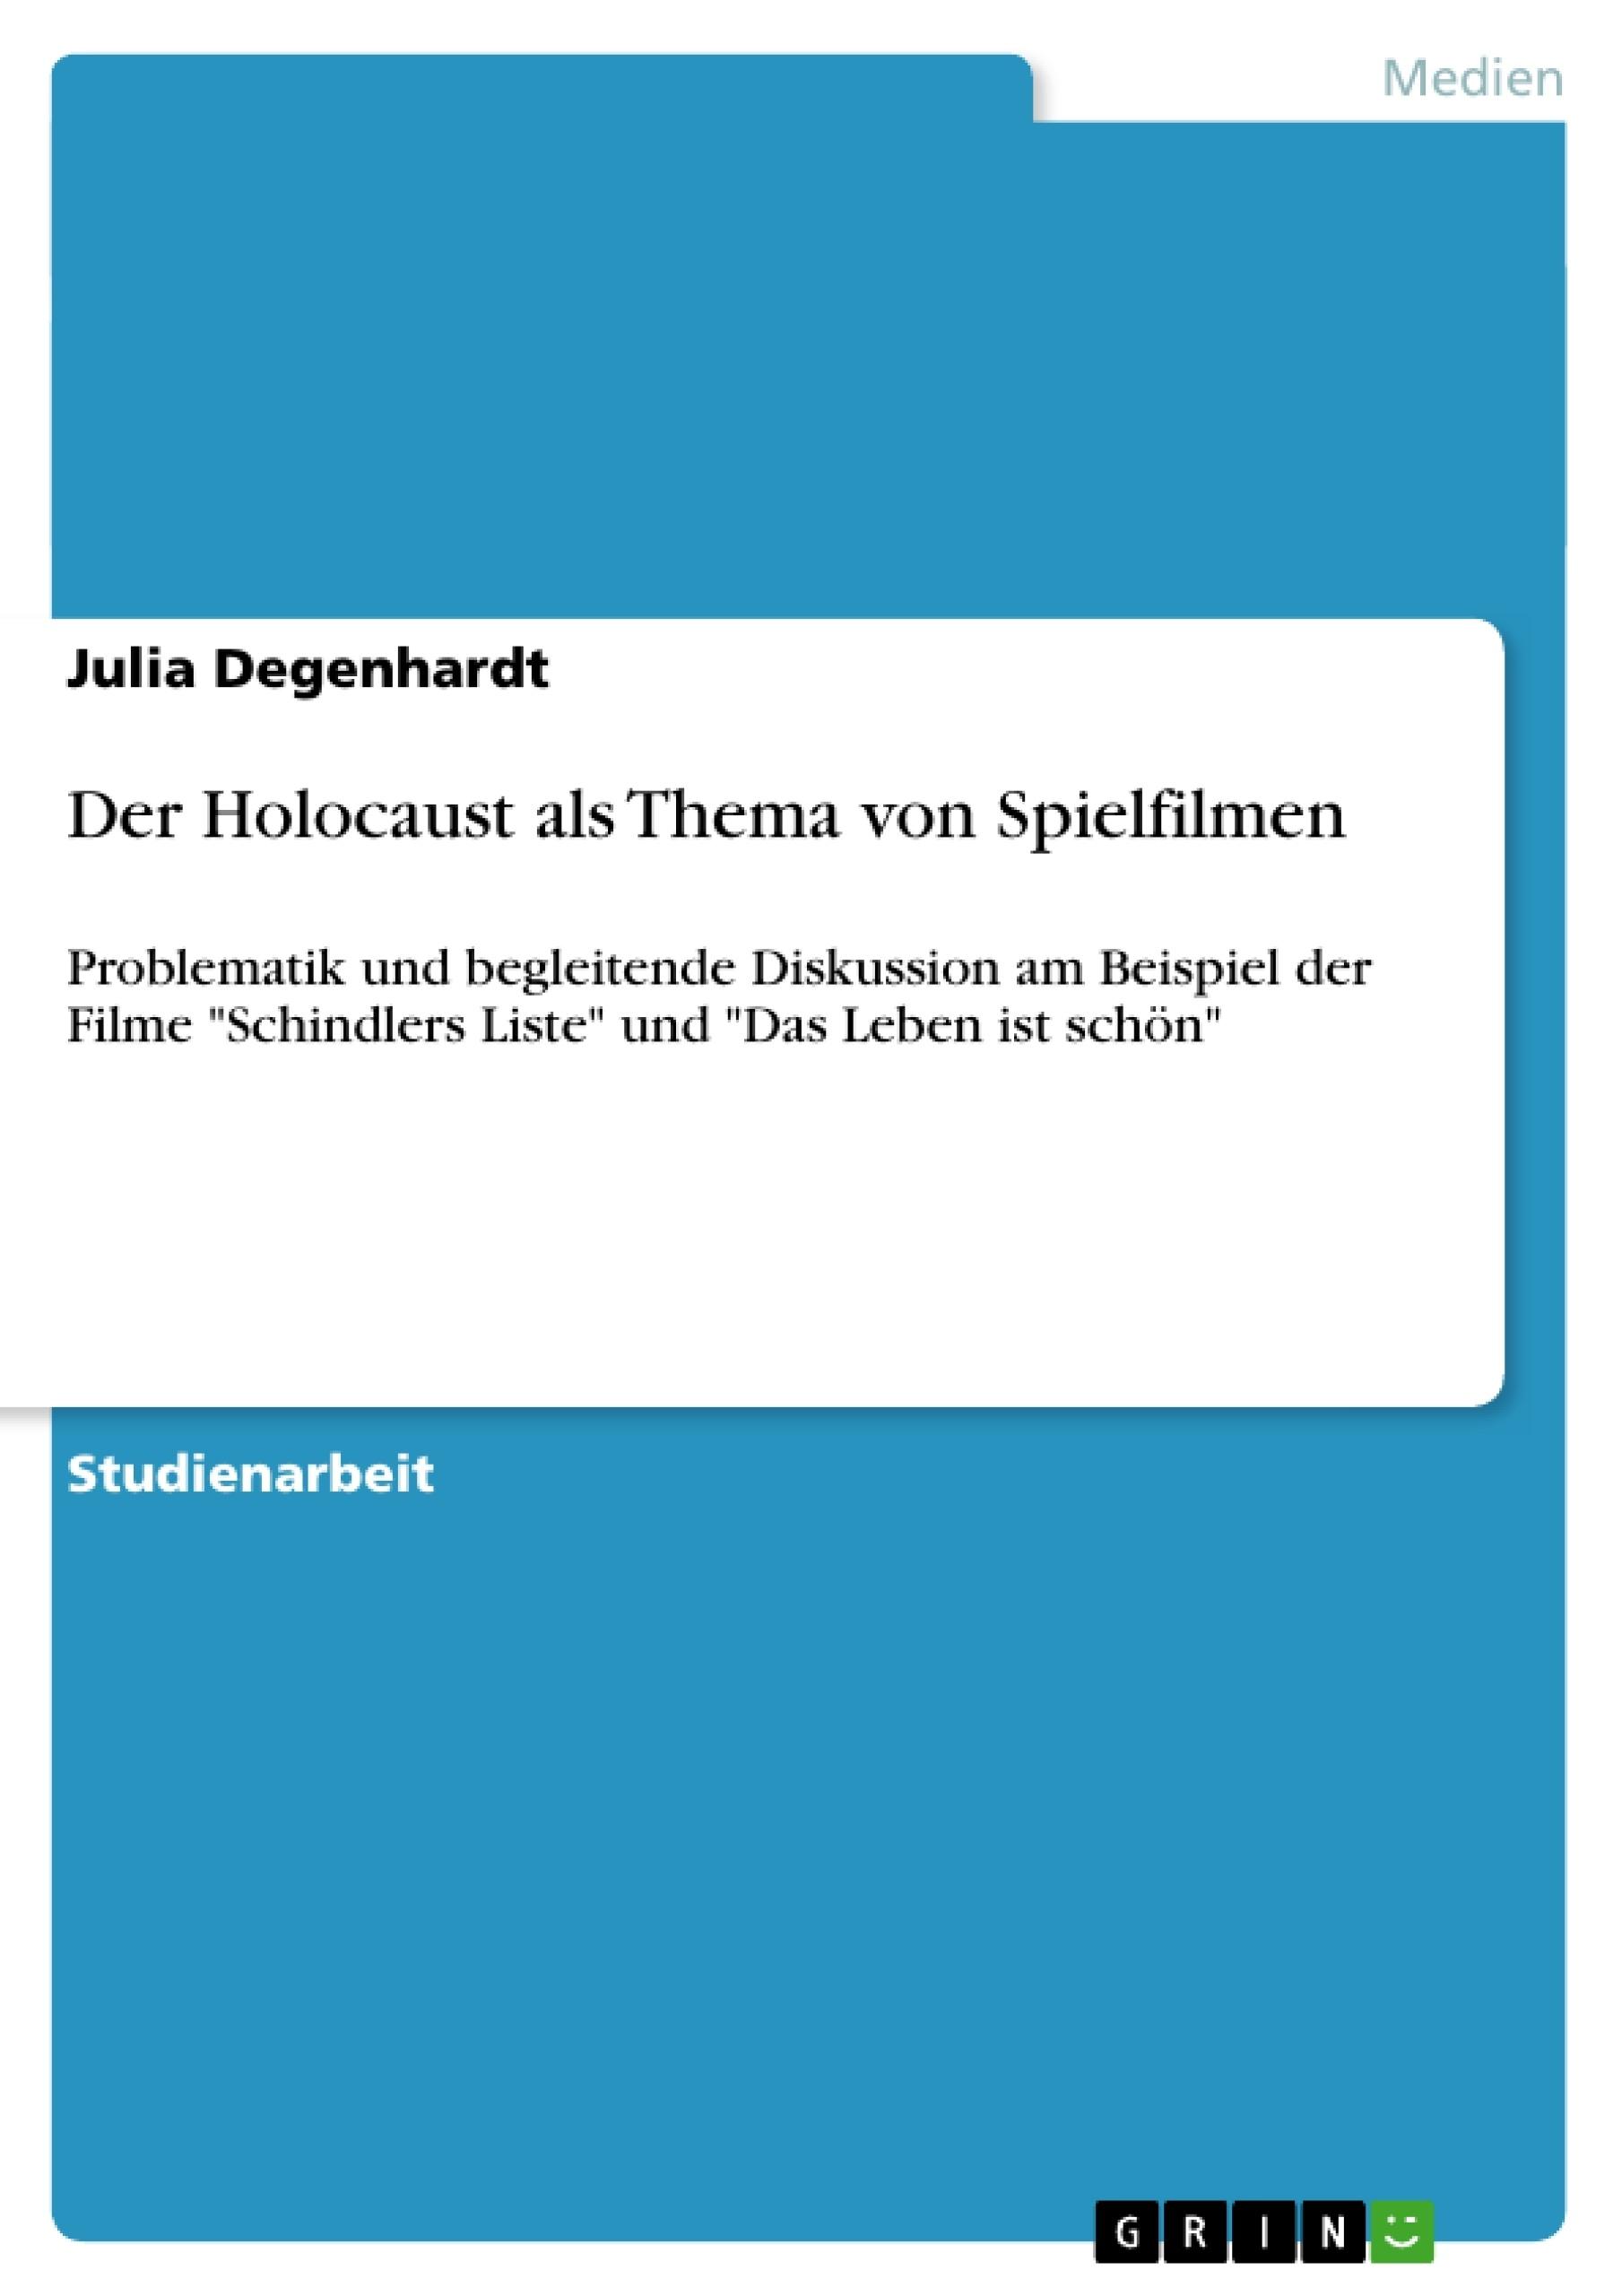 Titel: Der Holocaust als Thema von Spielfilmen